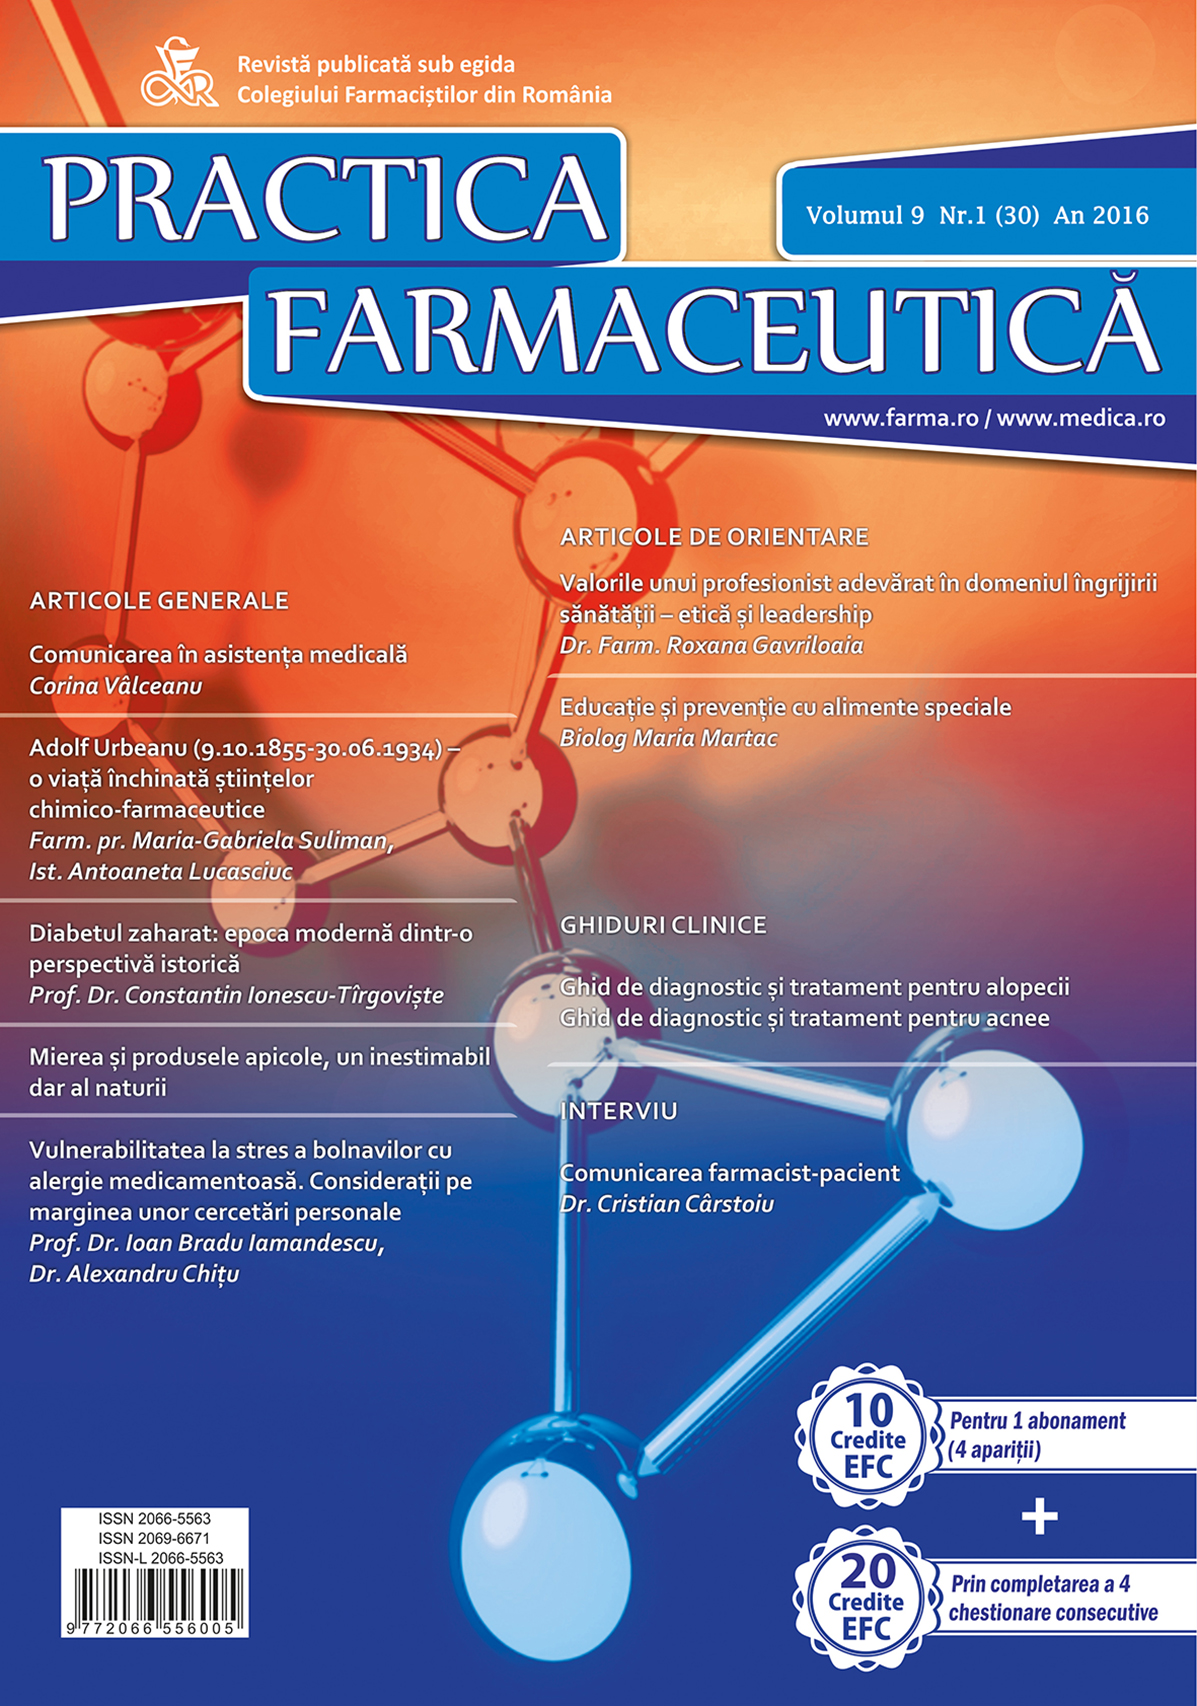 Revista Practica Farmaceutica, Vol. IX, No. 1 (30), 2016